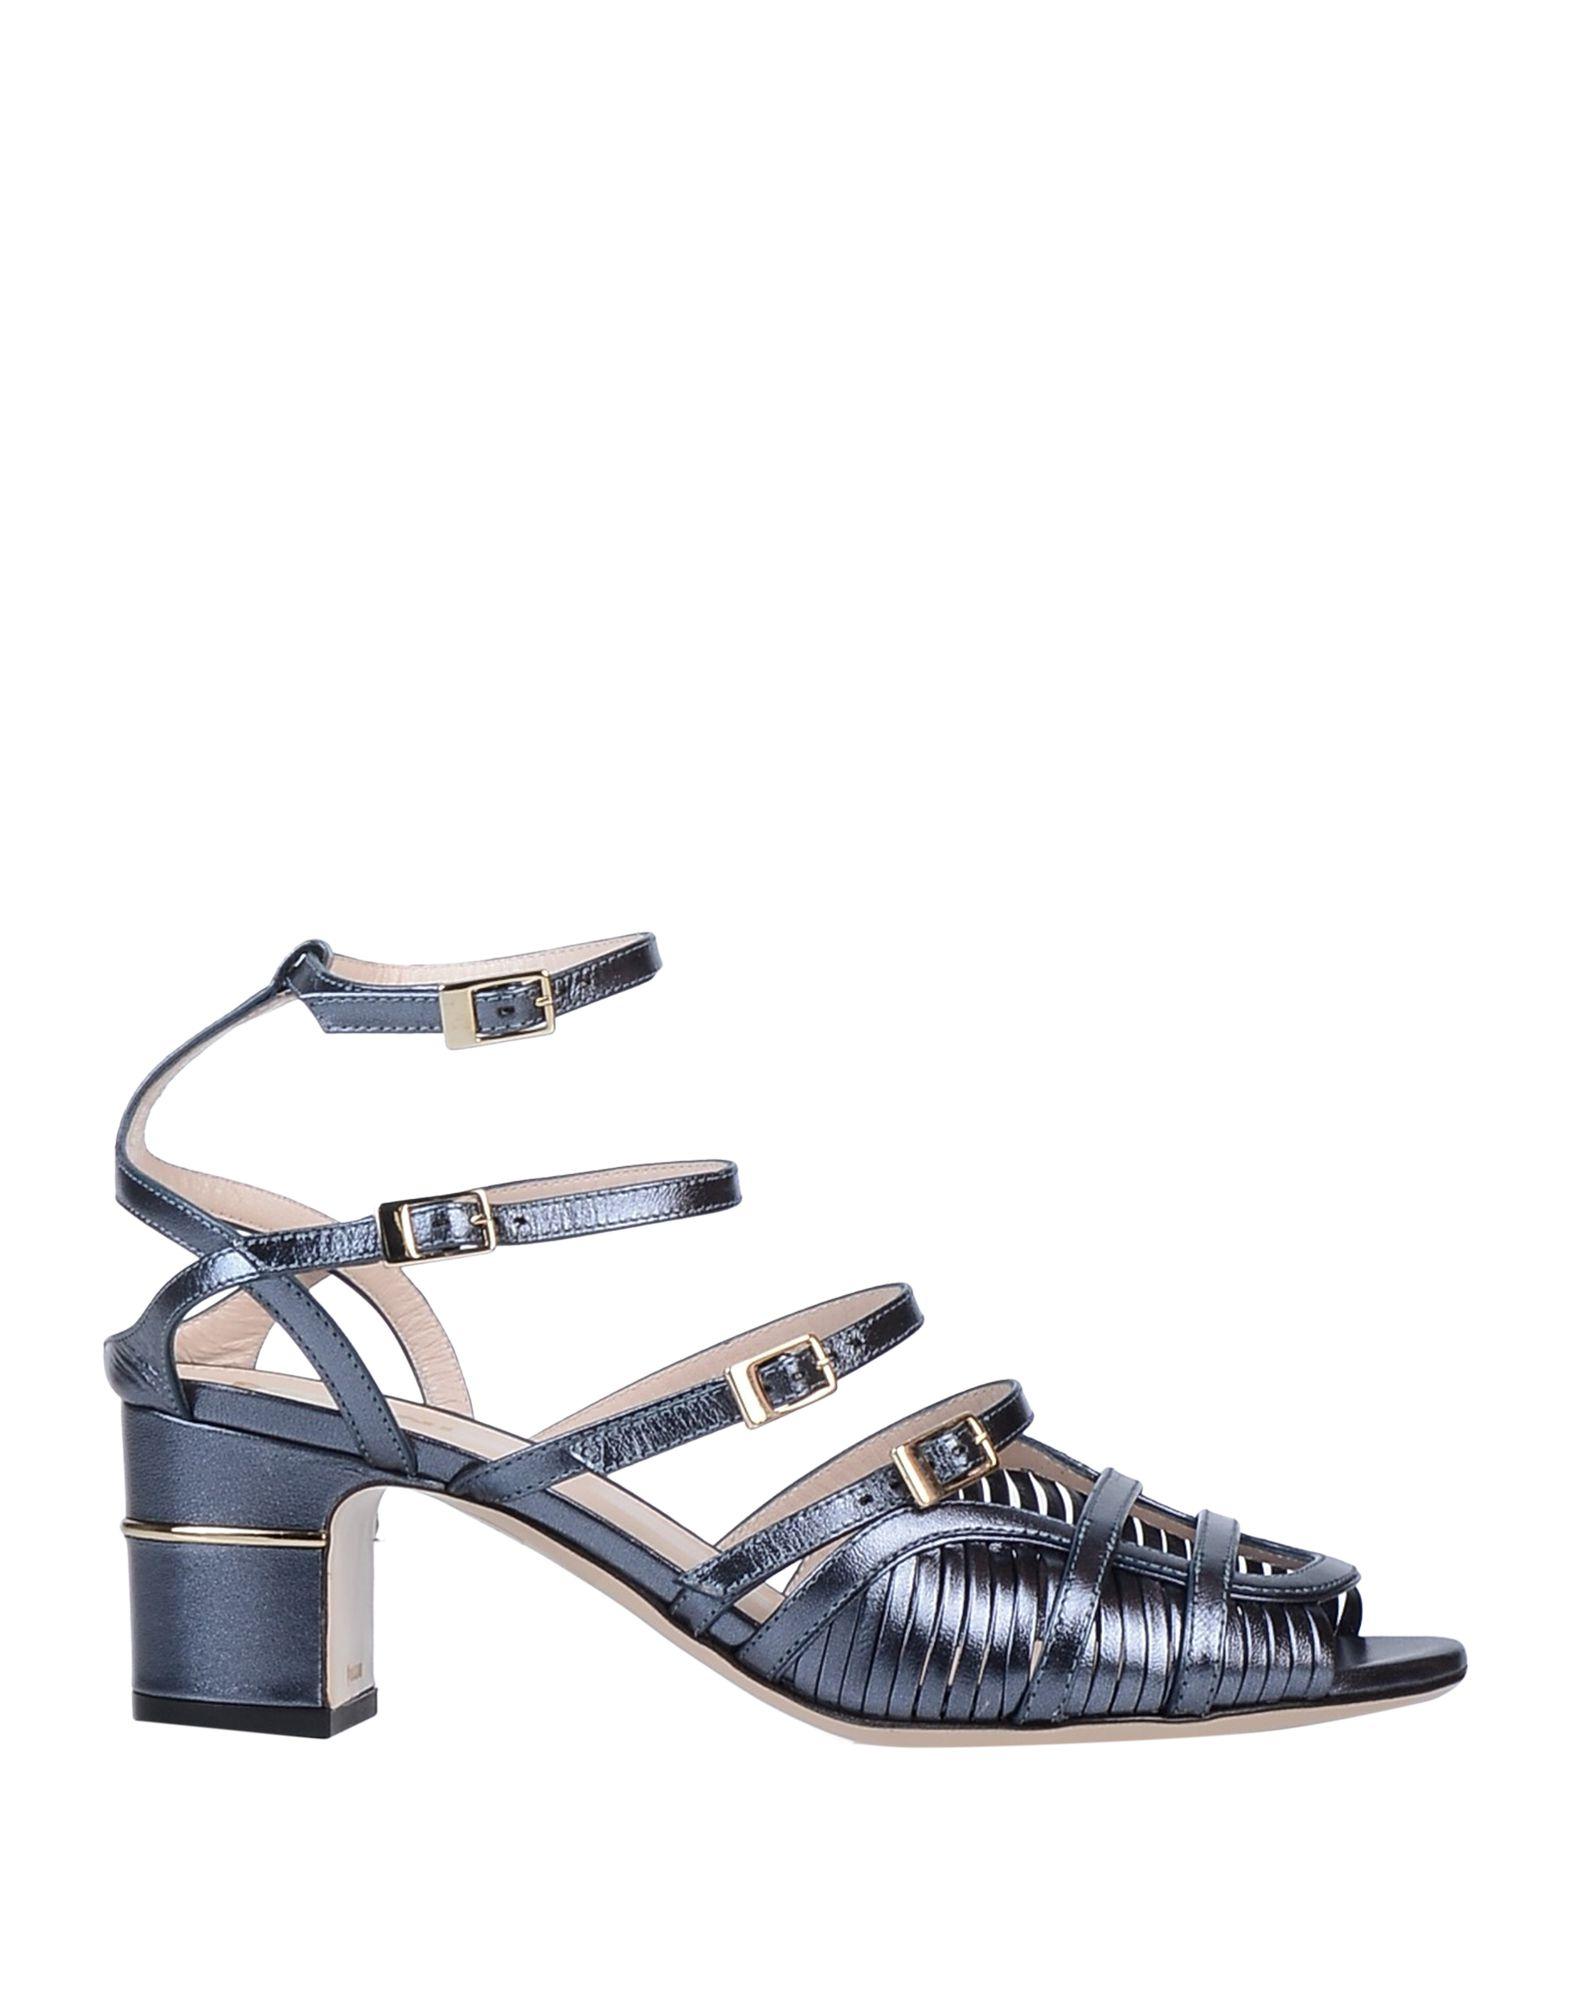 Pollini Sandals SANDALS